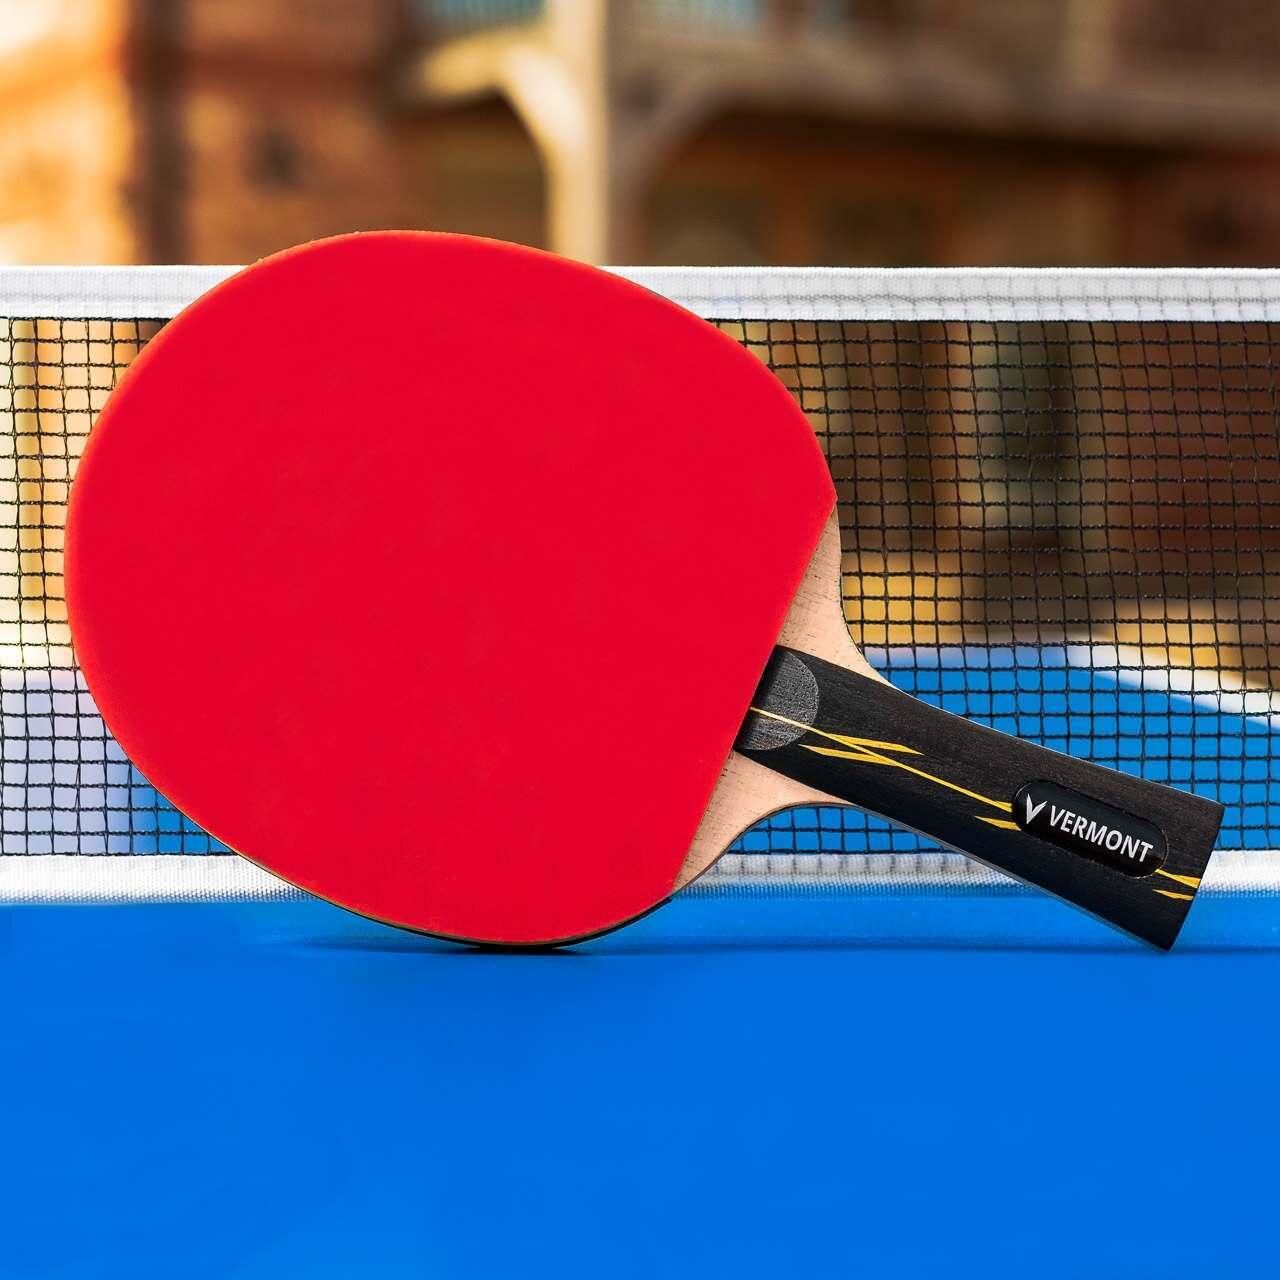 Vermont Prime Table Tennis Bat [Pro]